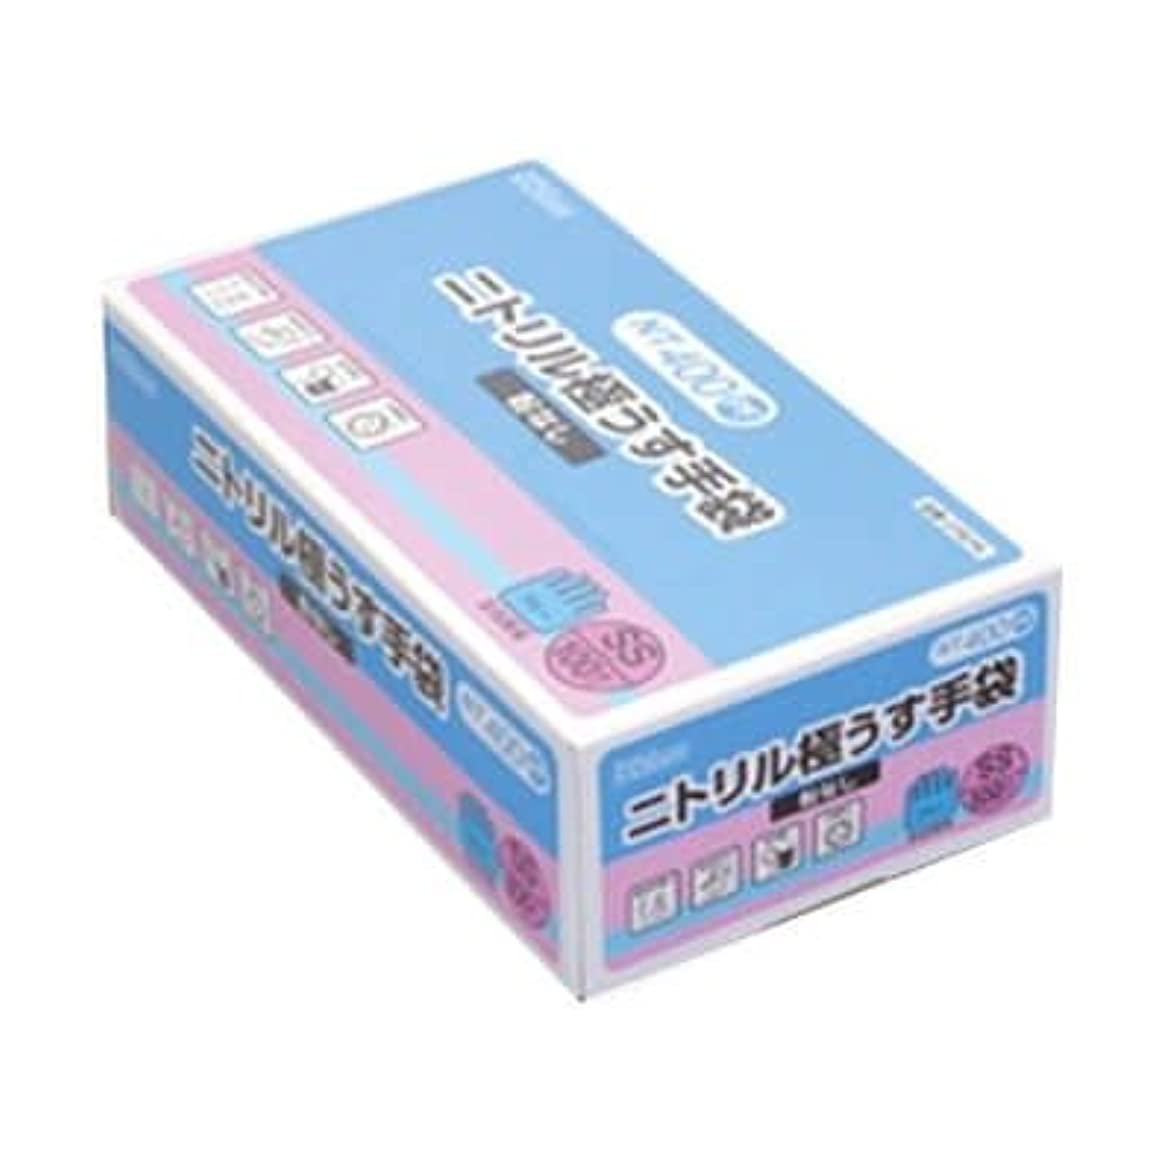 毒液絶対の国内の【ケース販売】 ダンロップ ニトリル極うす手袋 粉無 SS ブルー NT-400 (100枚入×20箱)